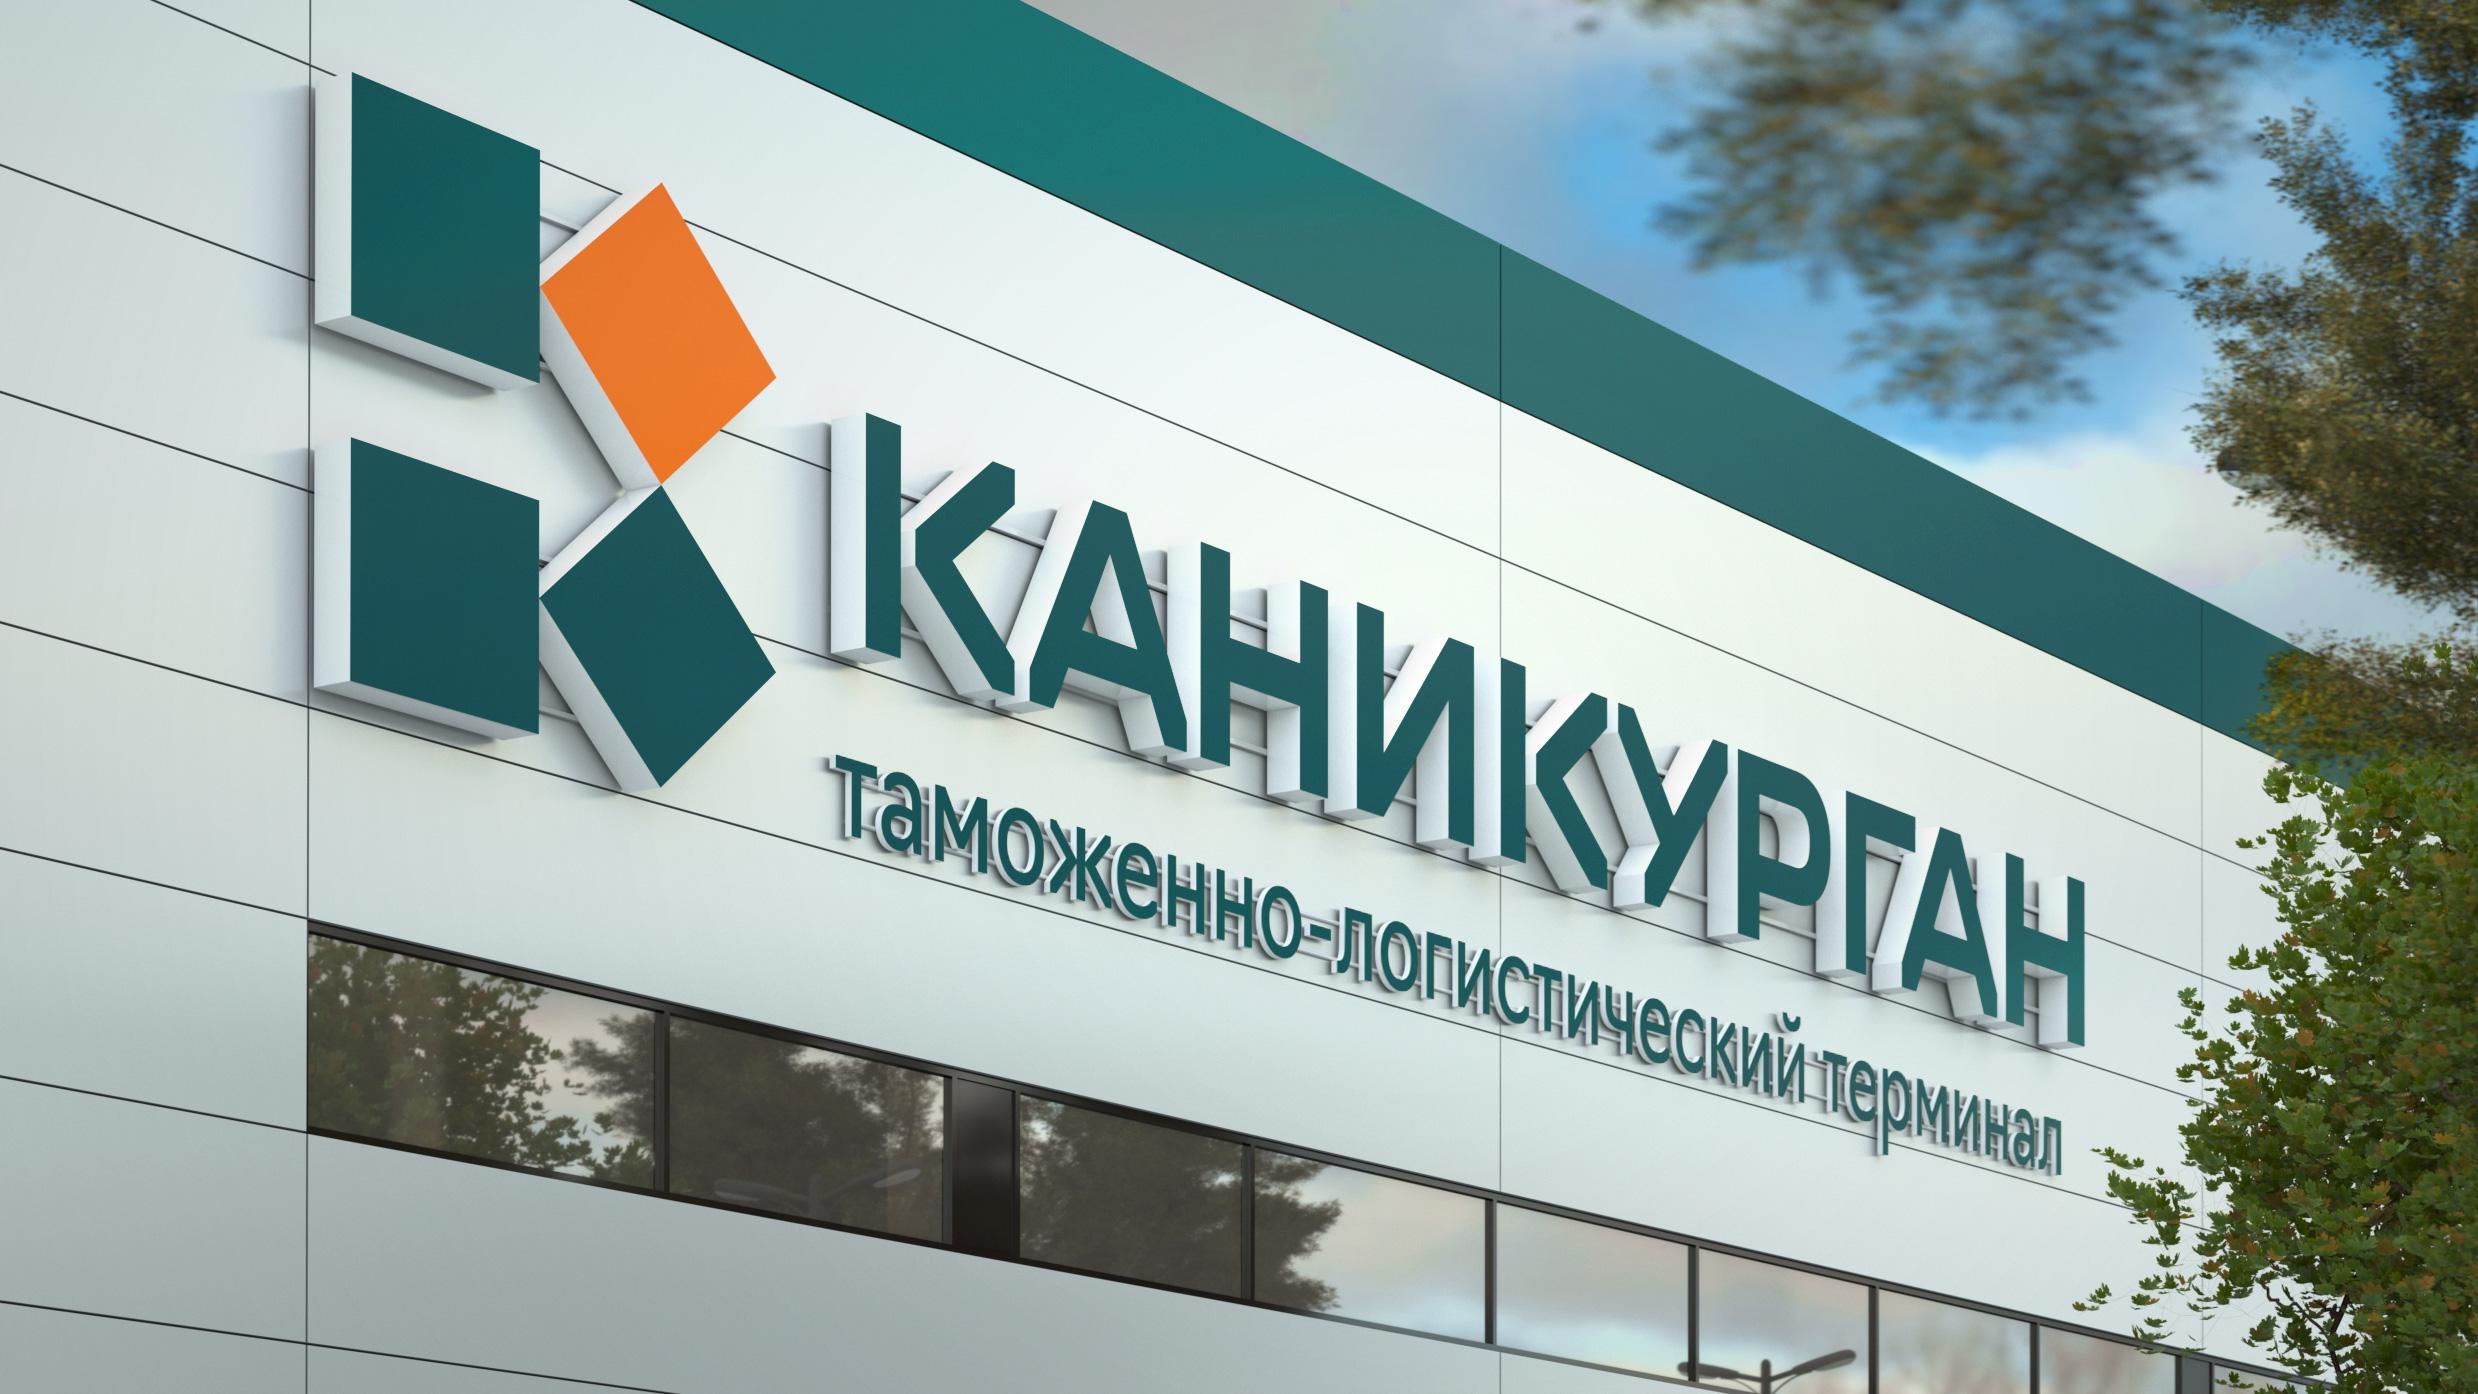 Kanikurgan Customs and Logistics Terminal Branding